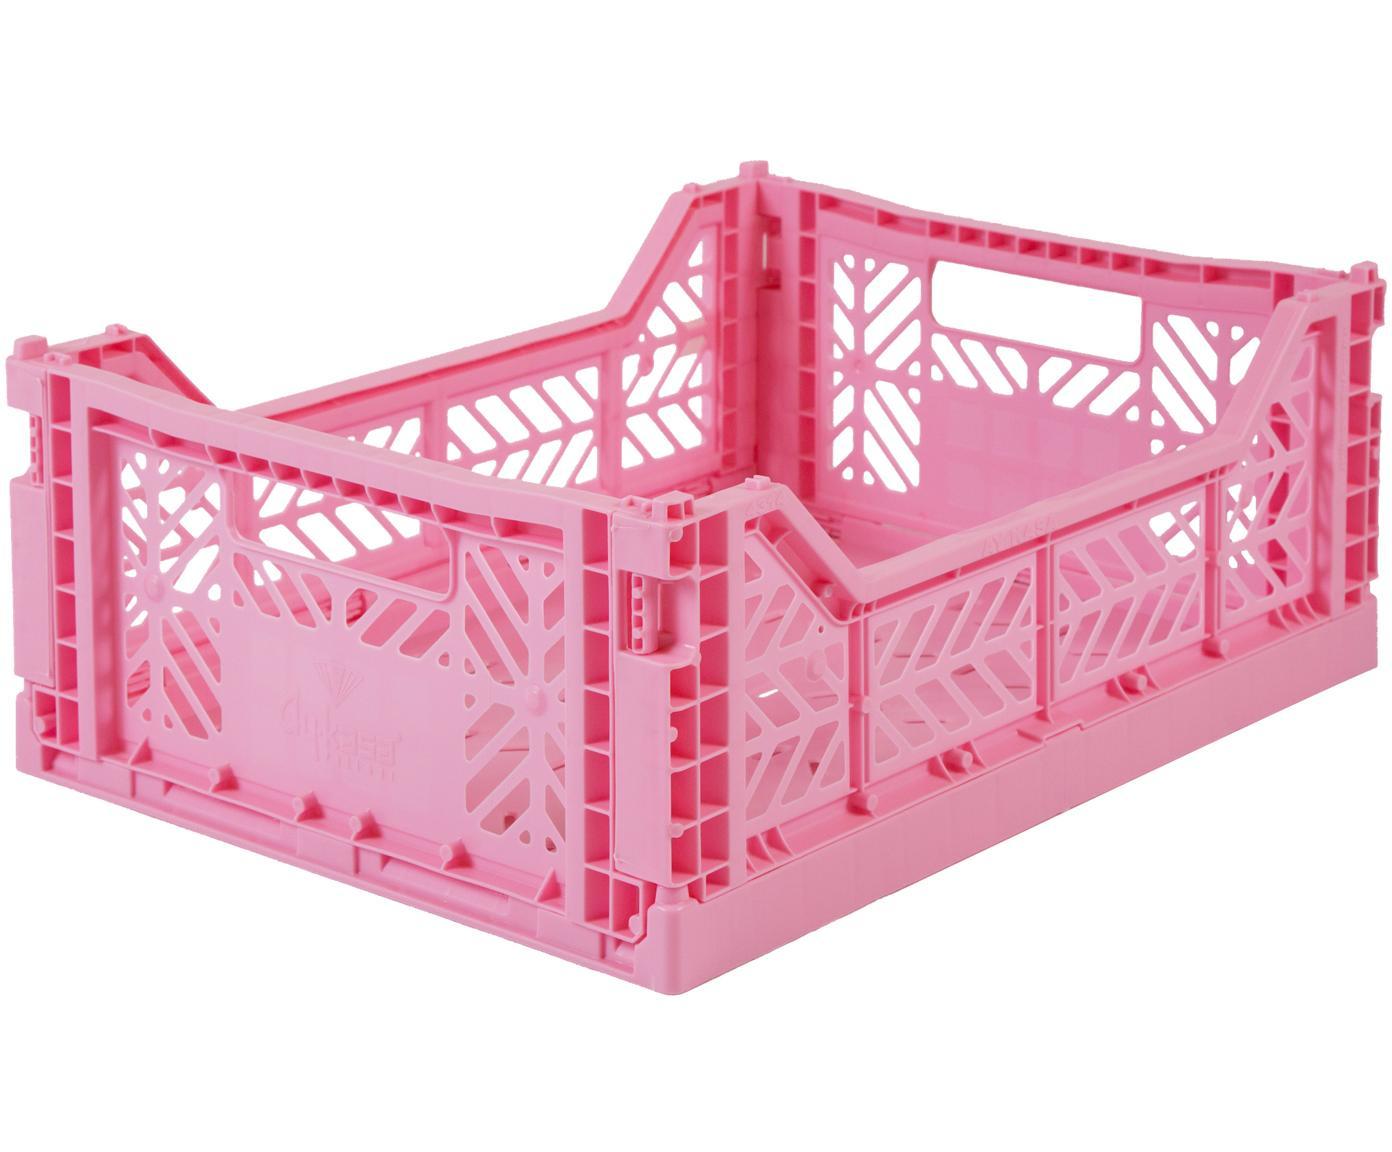 Średnie składane pudełko do przechowywania Baby Pink, Tworzywo sztuczne z recyklingu, Różowy, S 40 x W 14 cm